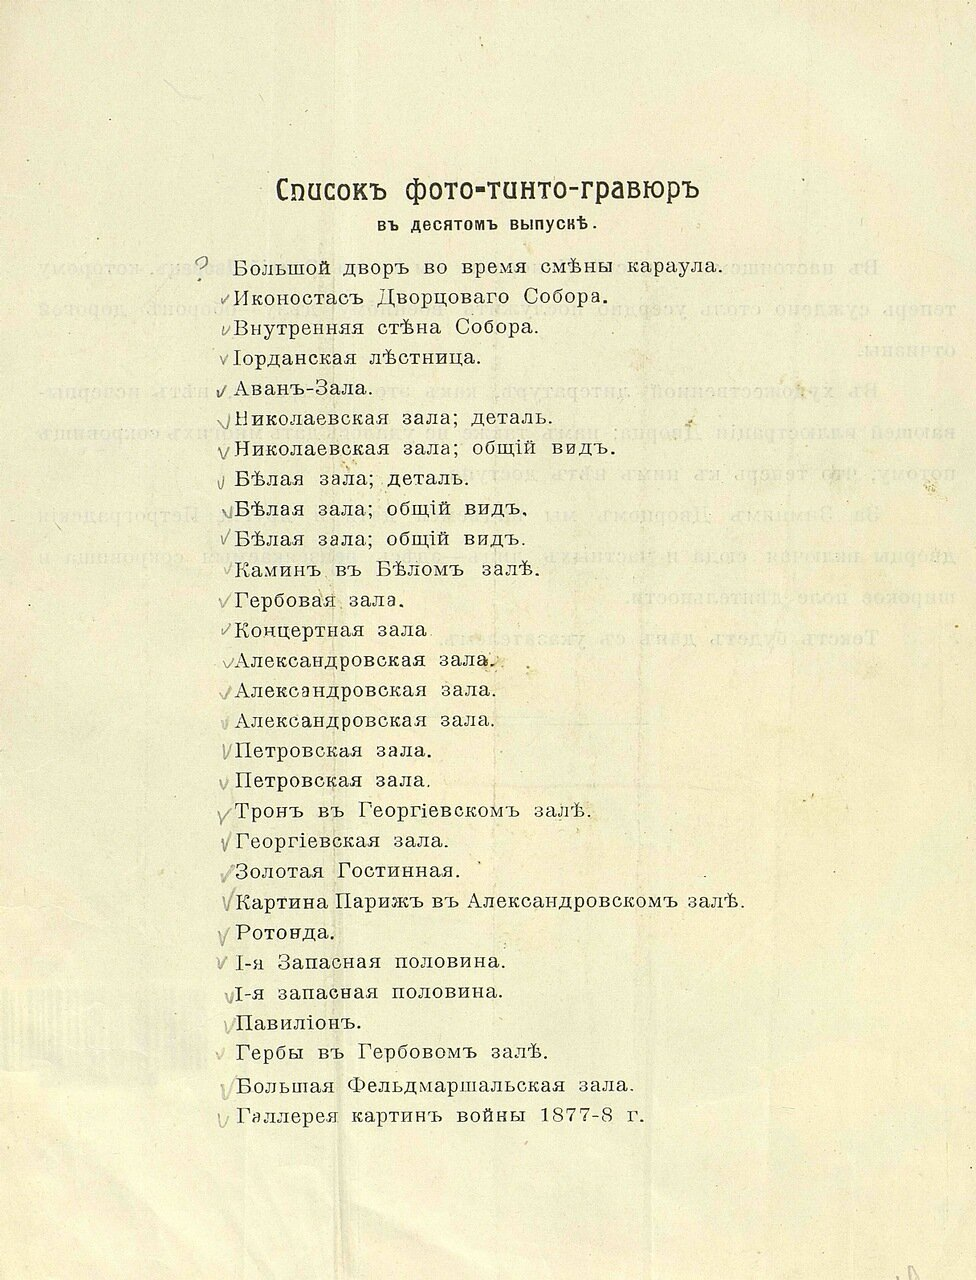 Список фотографий